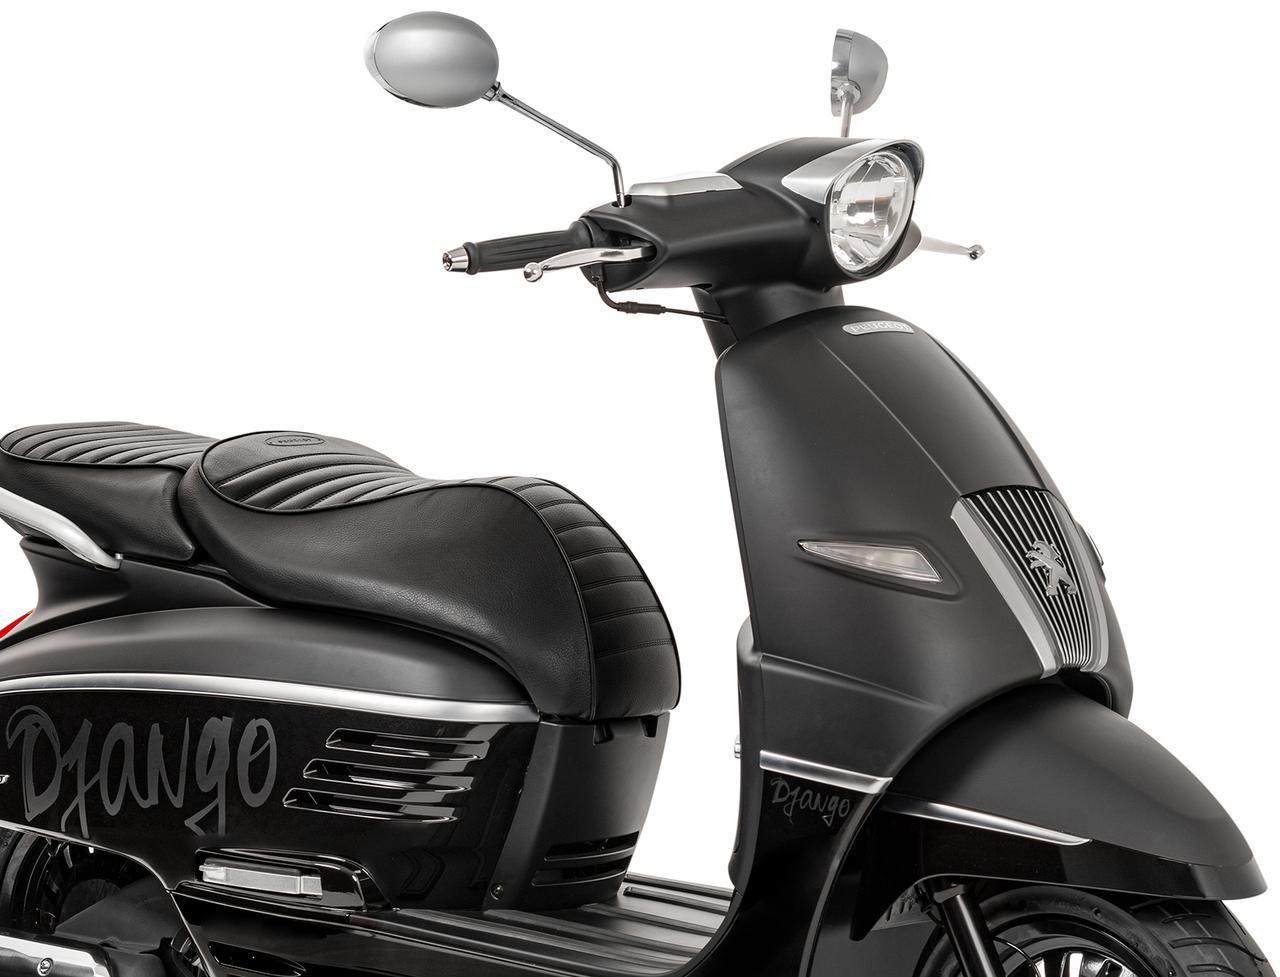 Images : 2番目の画像 - ジャンゴシリーズ2020年モデルの写真 - webオートバイ